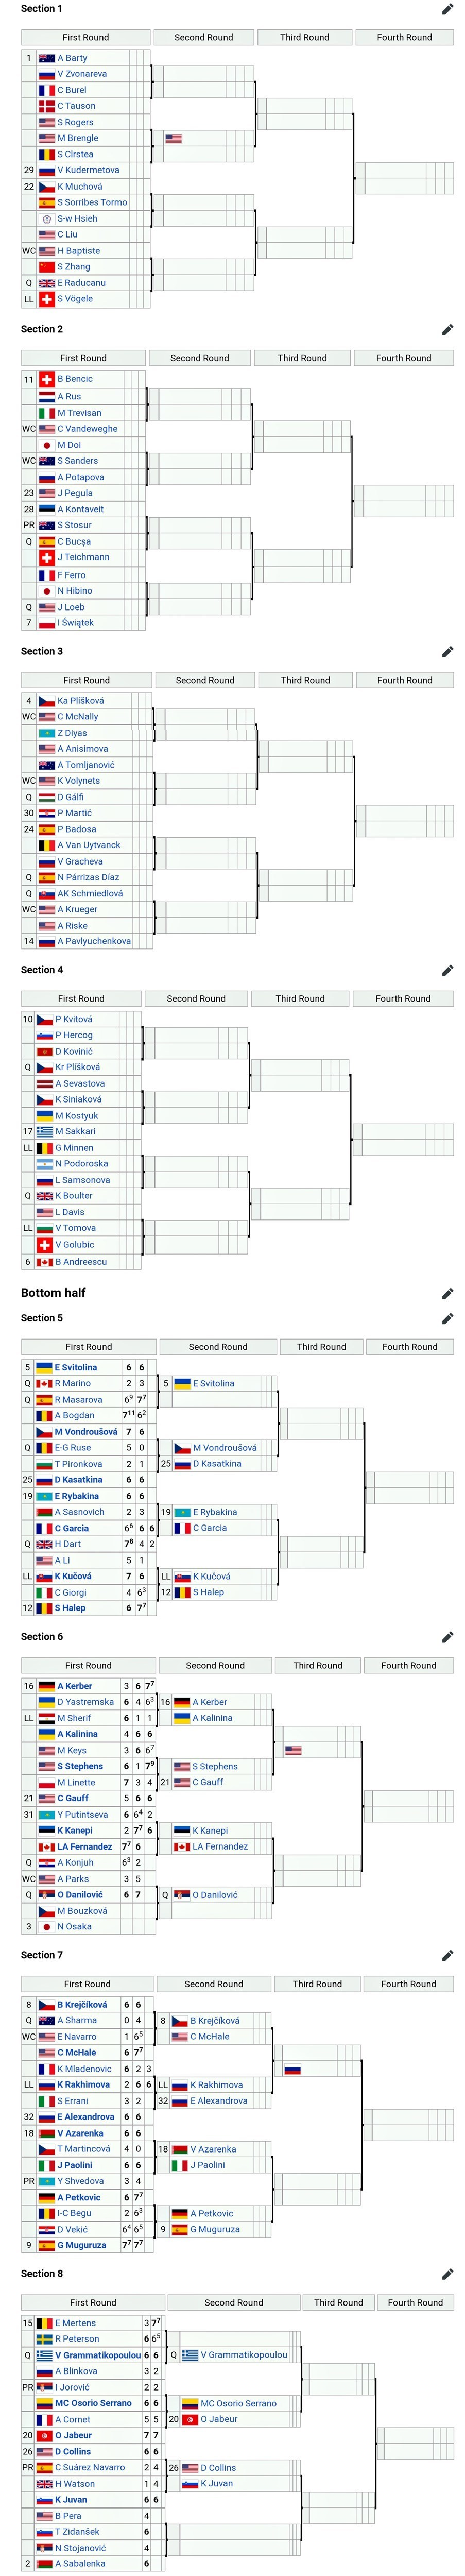 Kết quả tennis US Open 2021 đơn nữ hôm nay